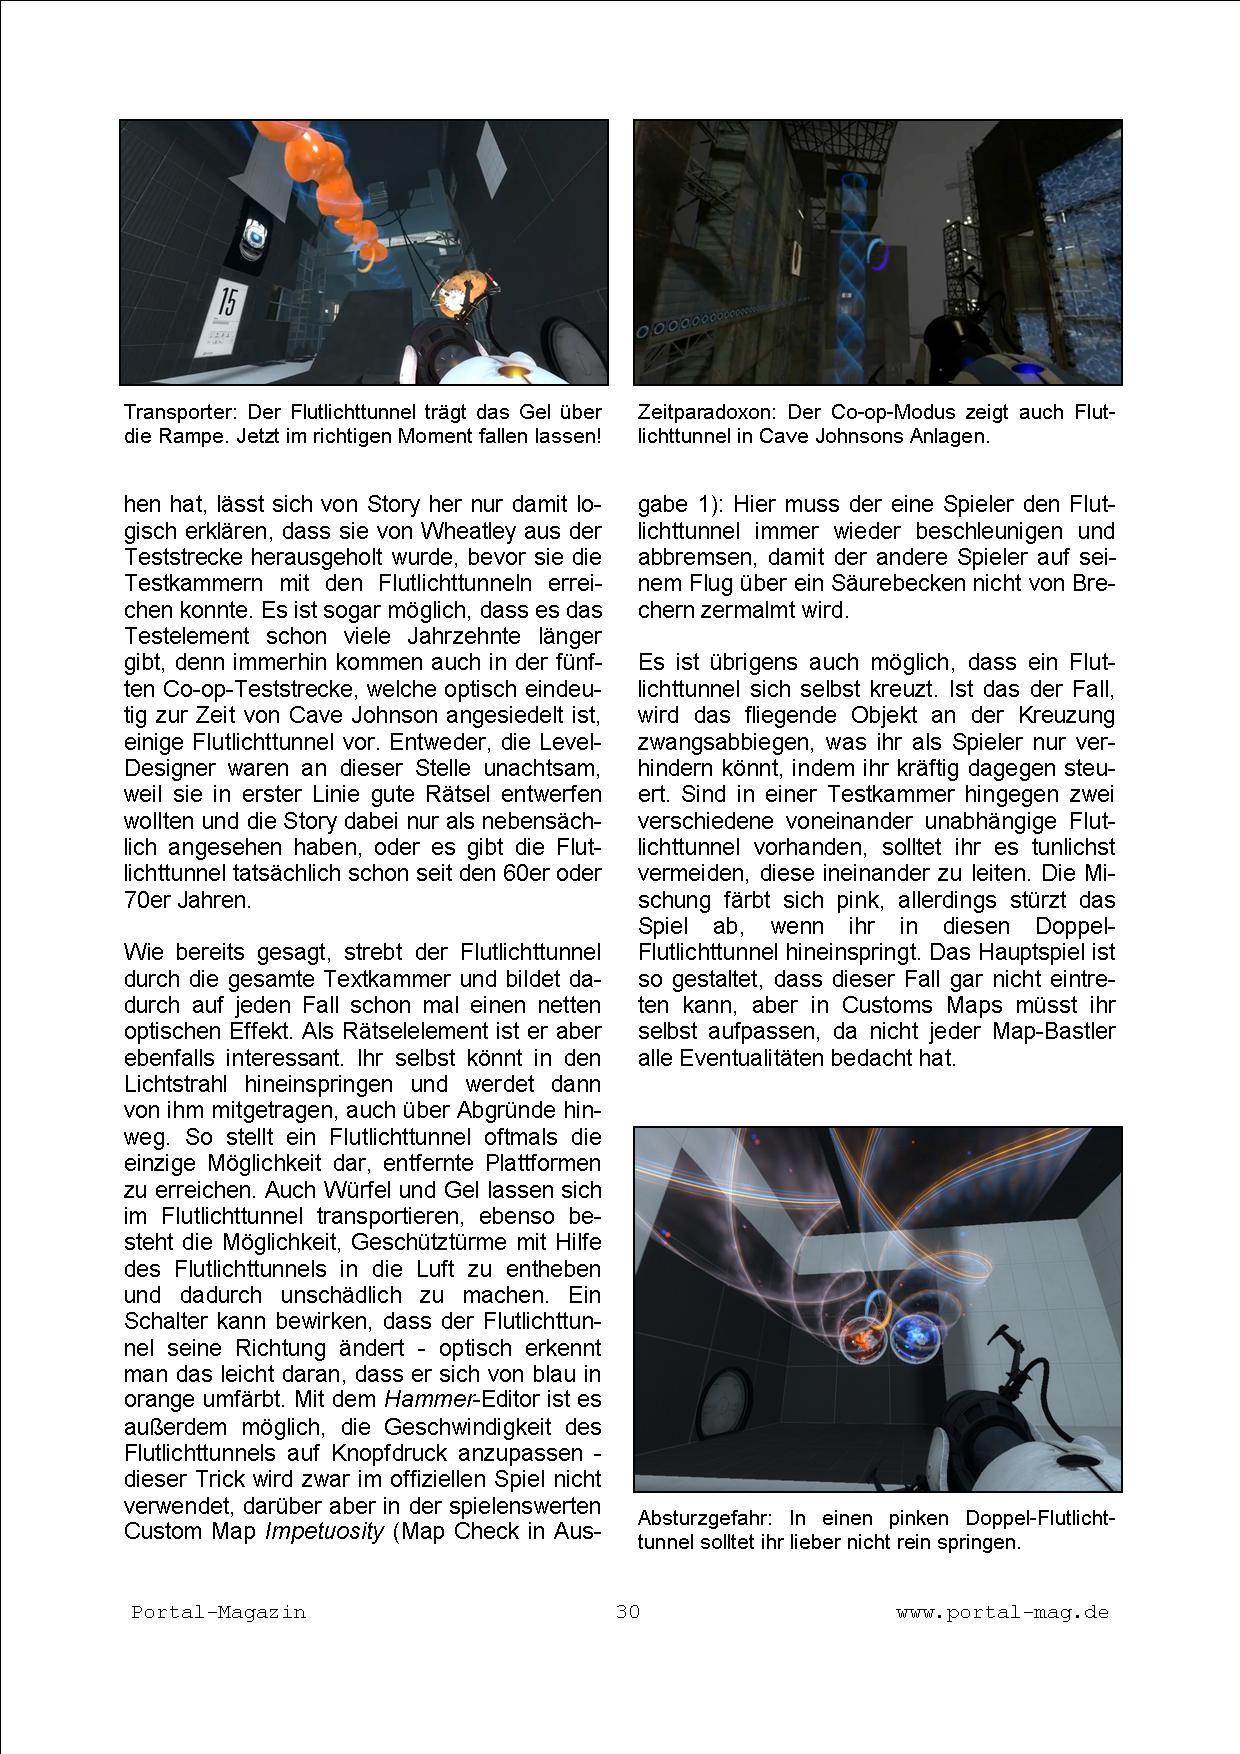 Ausgabe 11, Seite 30